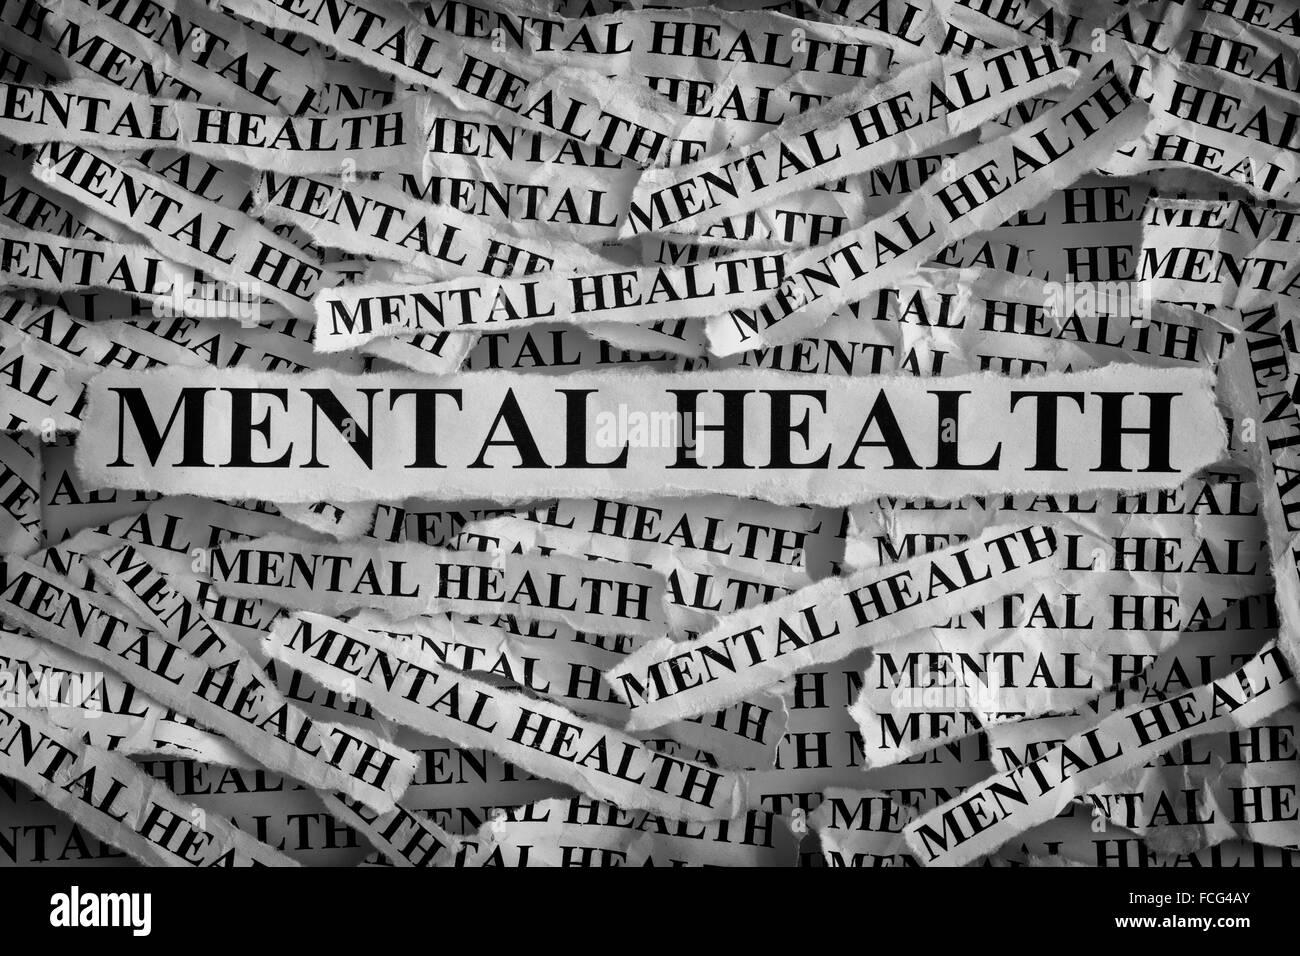 Salud Mental. Los pedazos de papel con las palabras de la salud mental. Concepto Imagen. Blanco y Negro. Closeup. Foto de stock